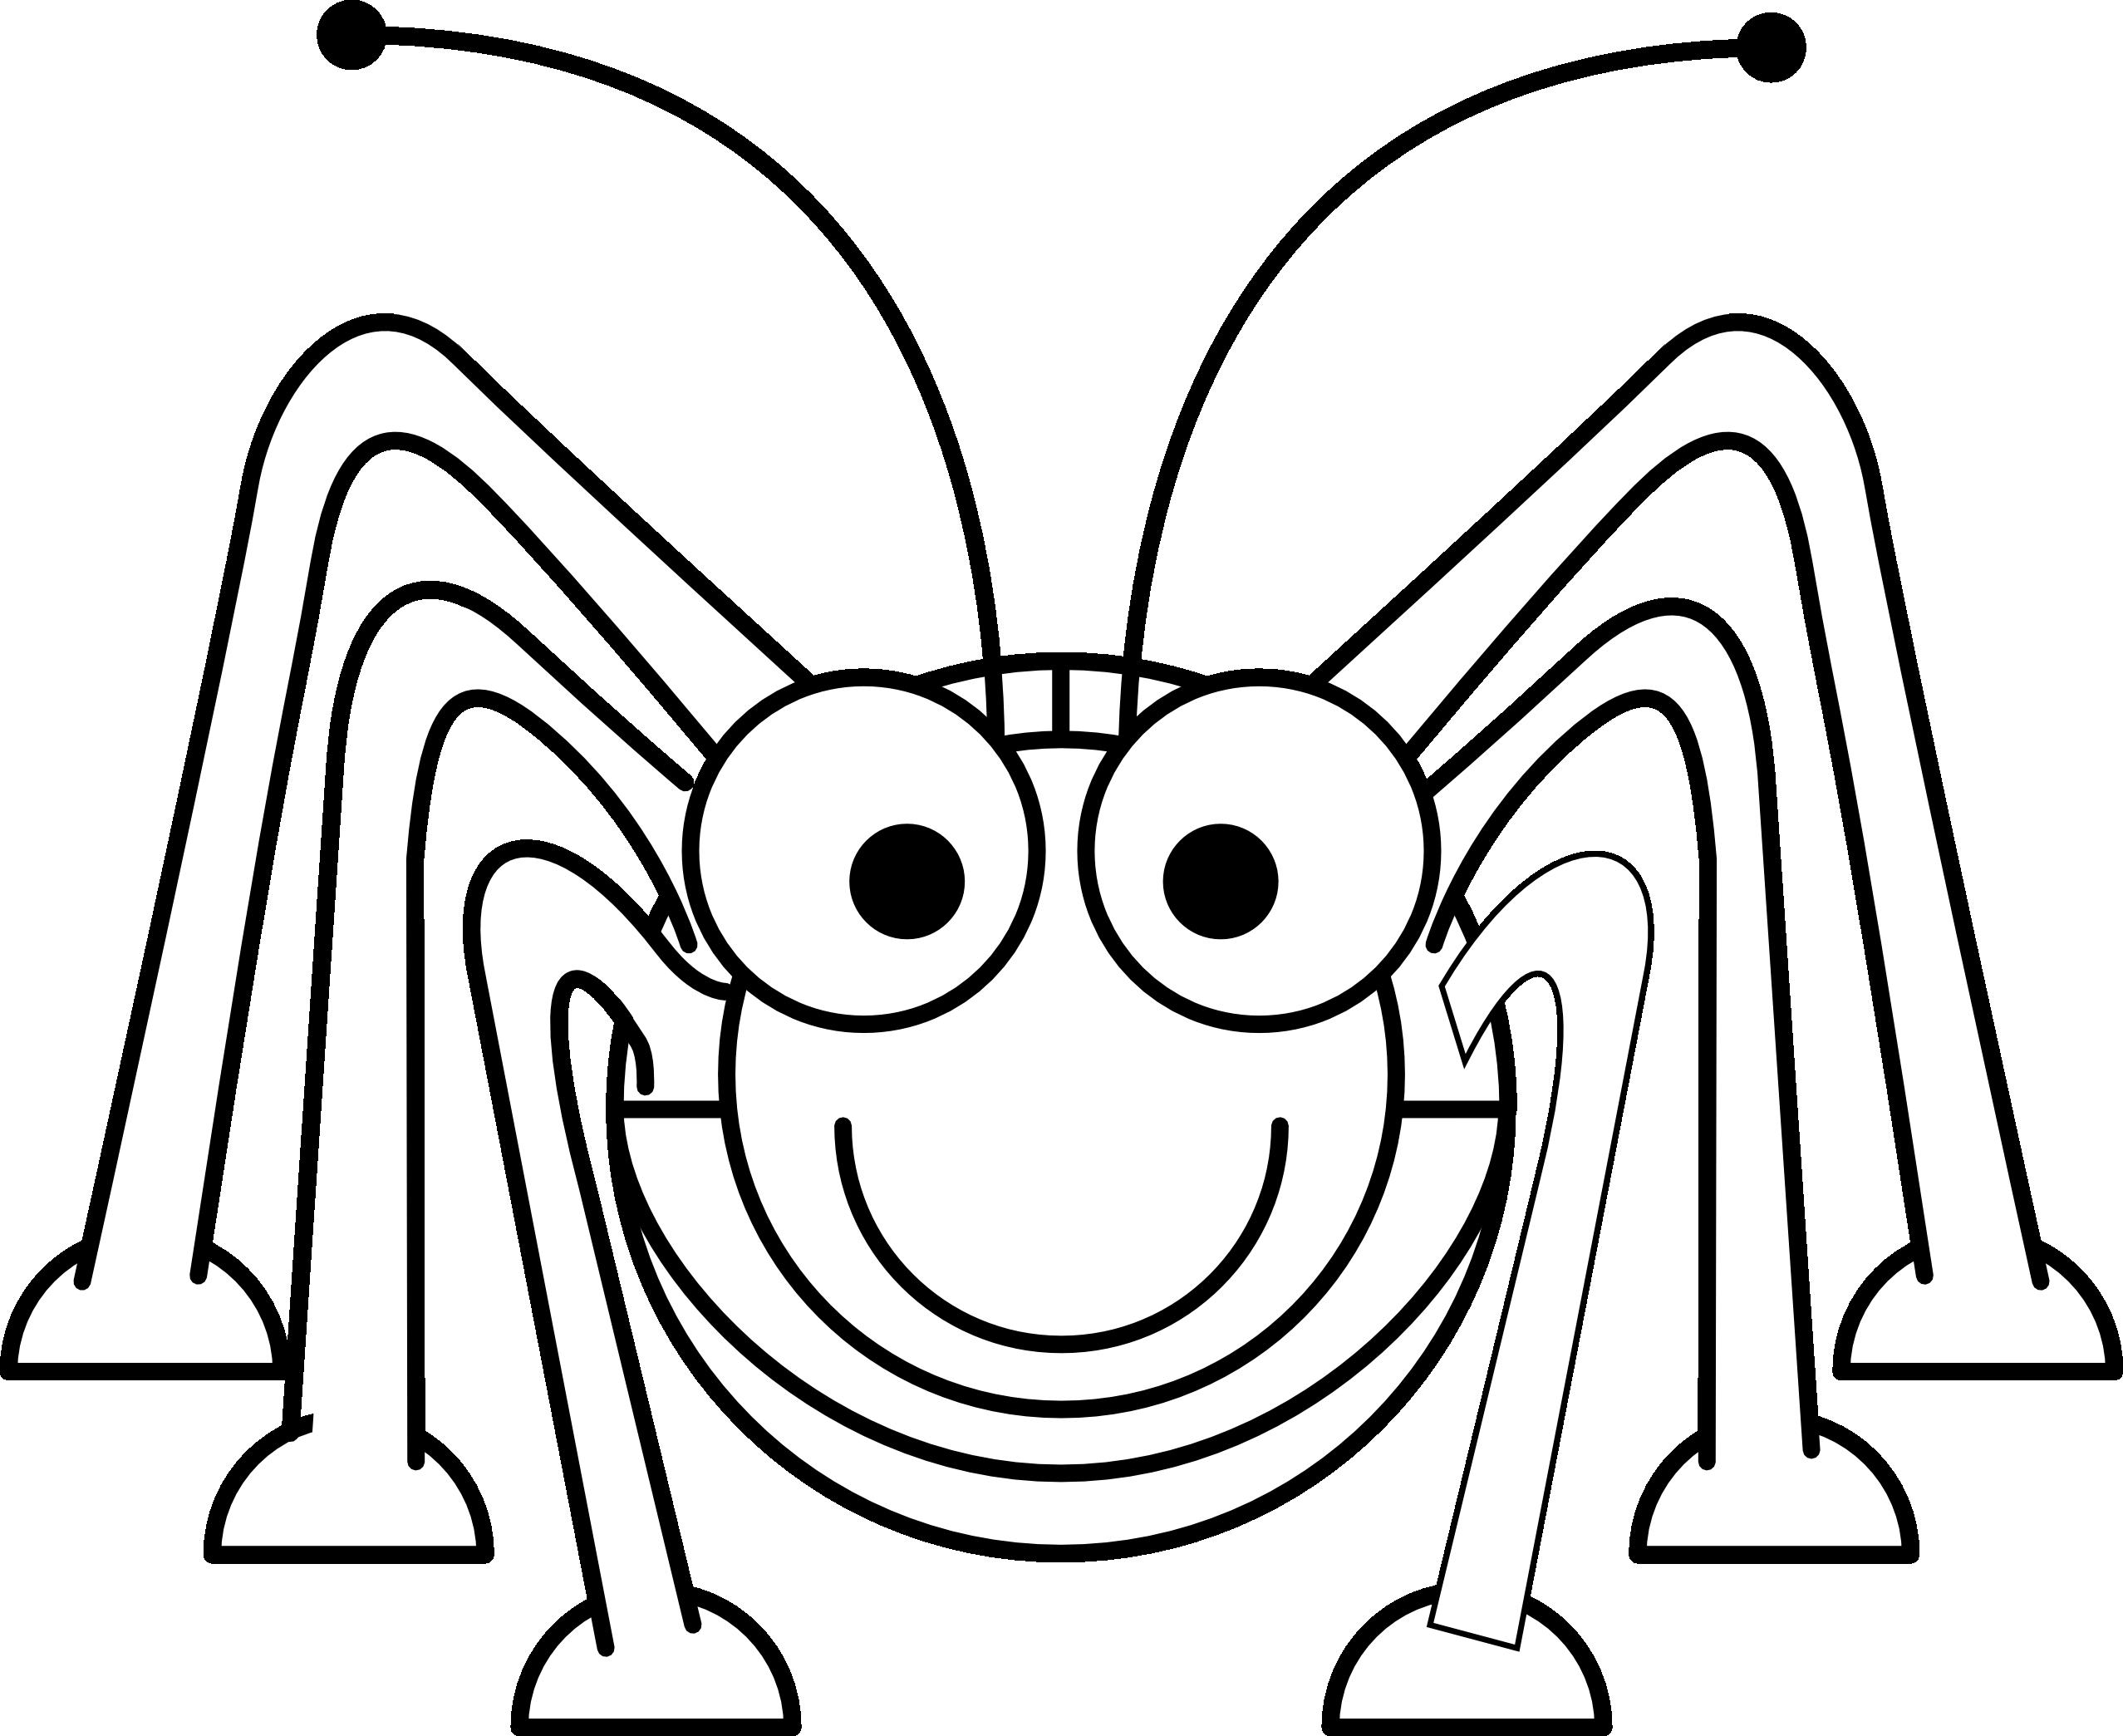 Grasshopper Clipart Black And White | Clipart Panda - Free